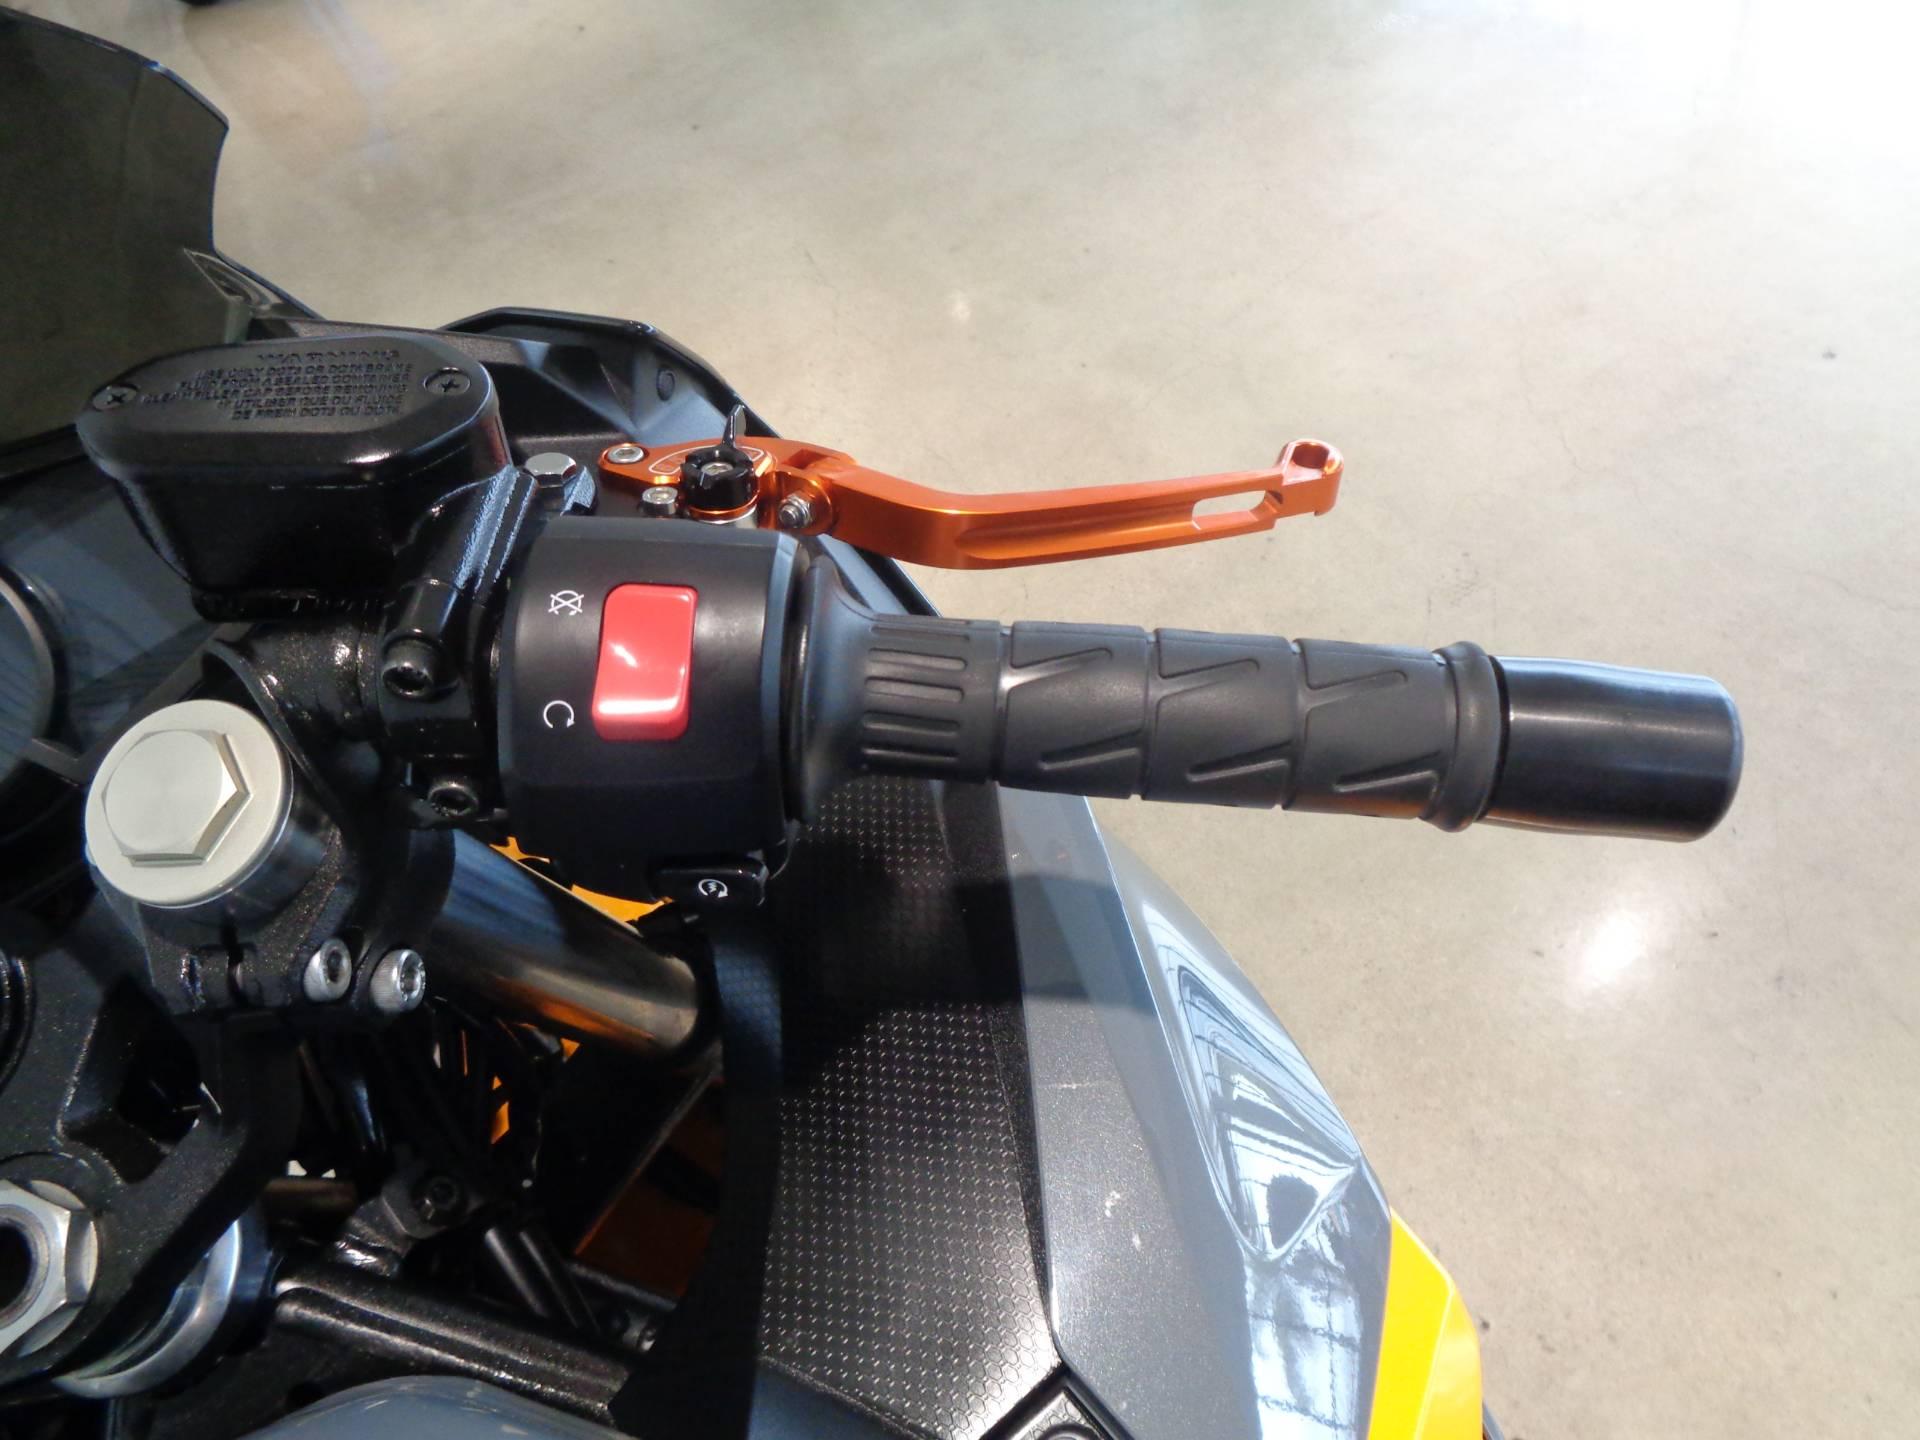 2018 Kawasaki Ninja 400 ABS 6